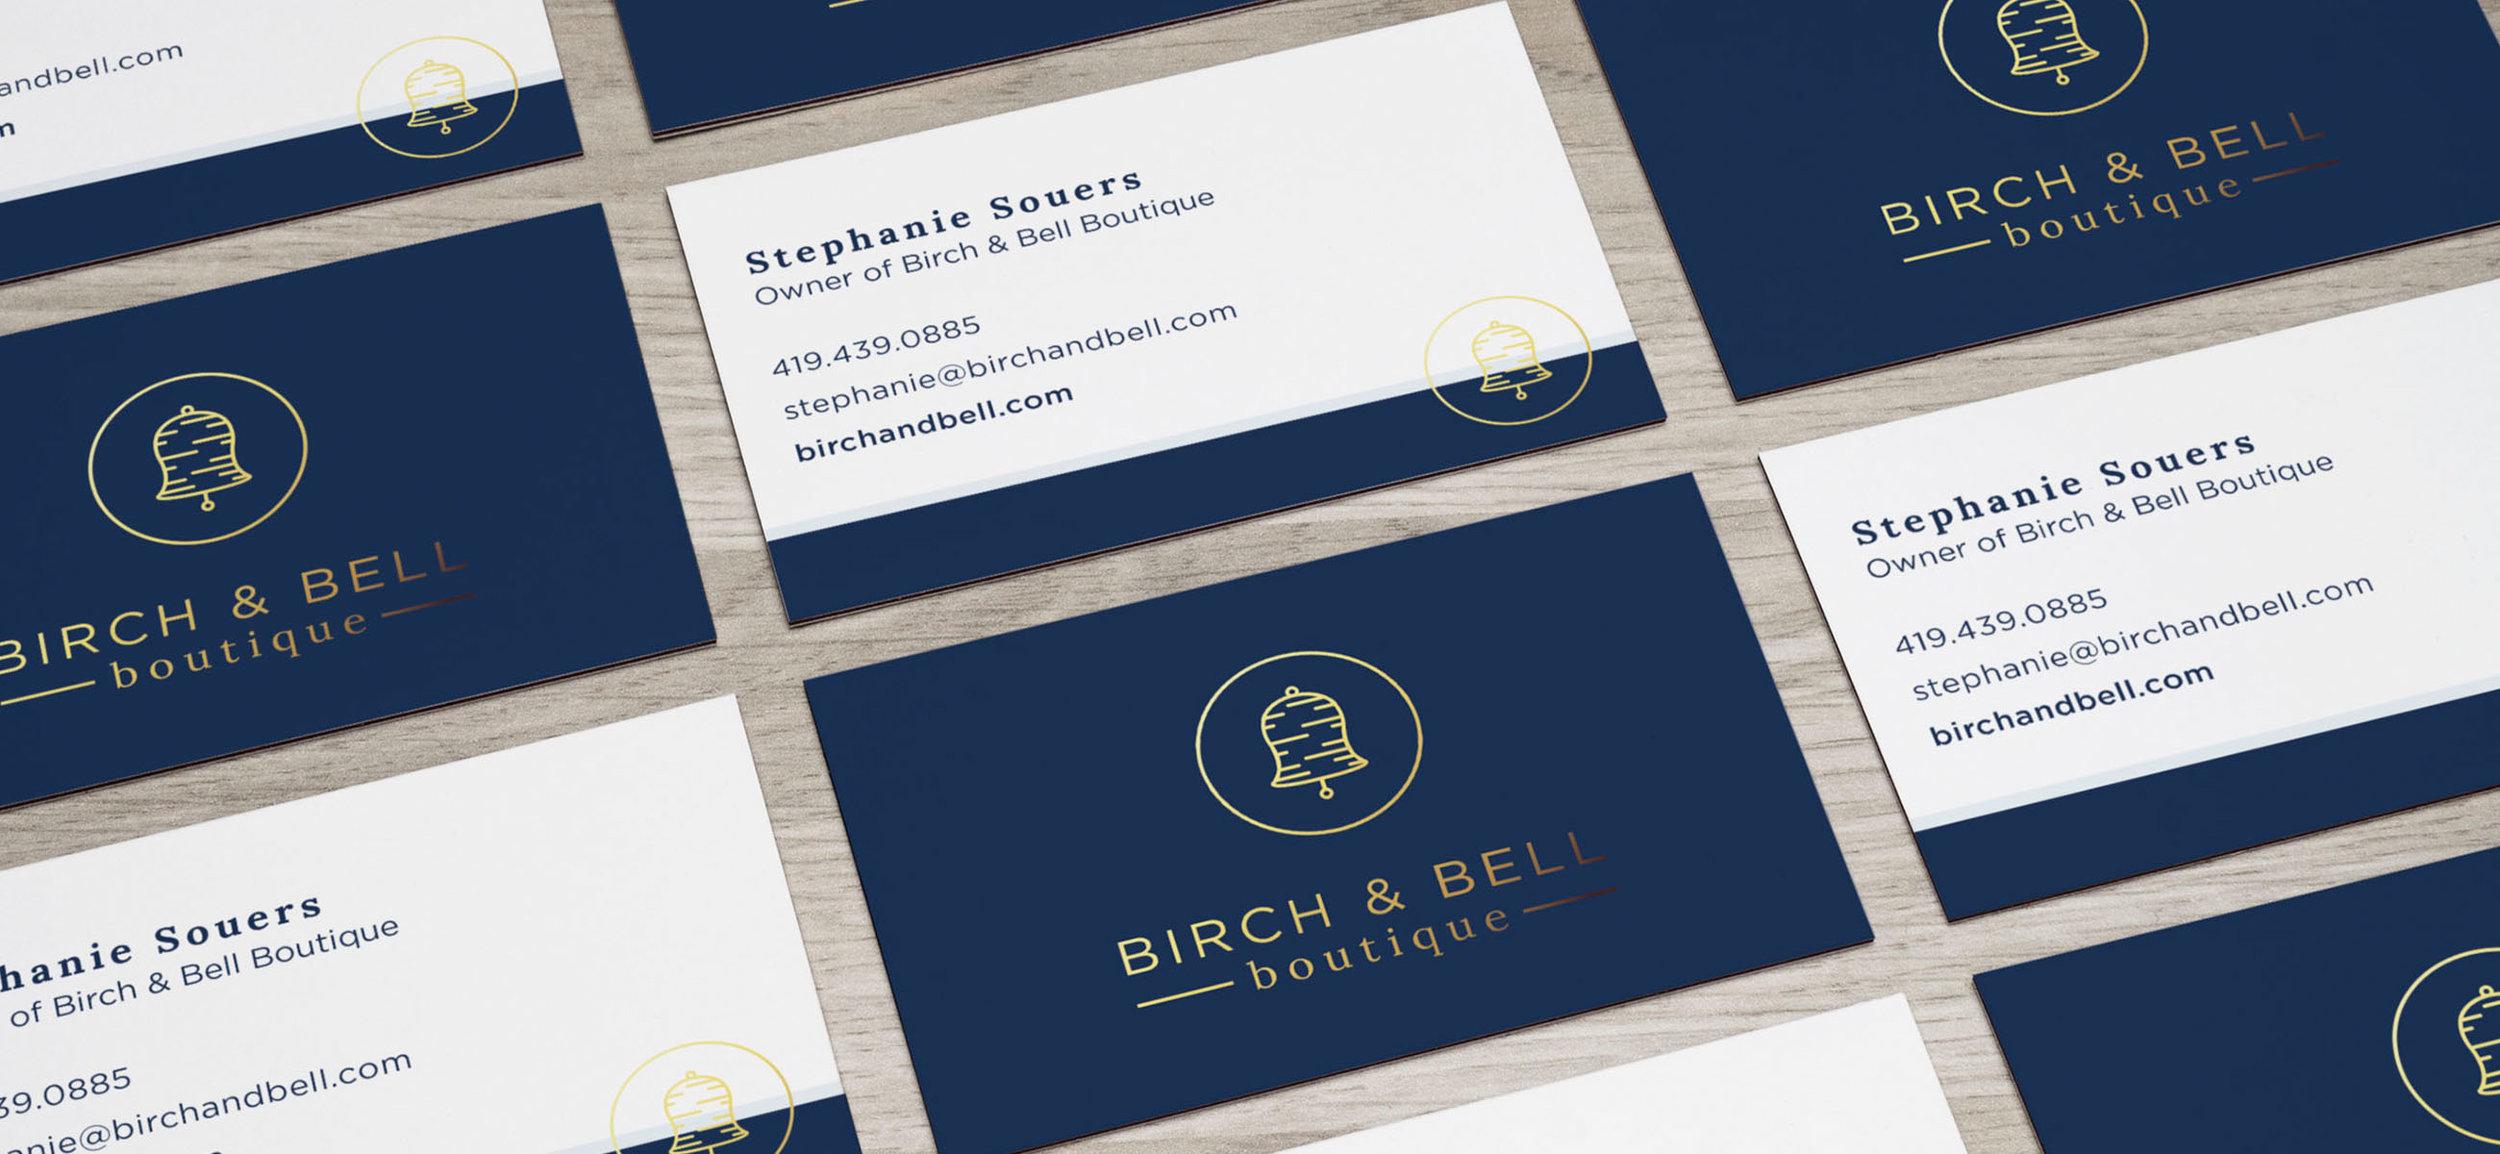 Birch&BellBusinessCard.jpg